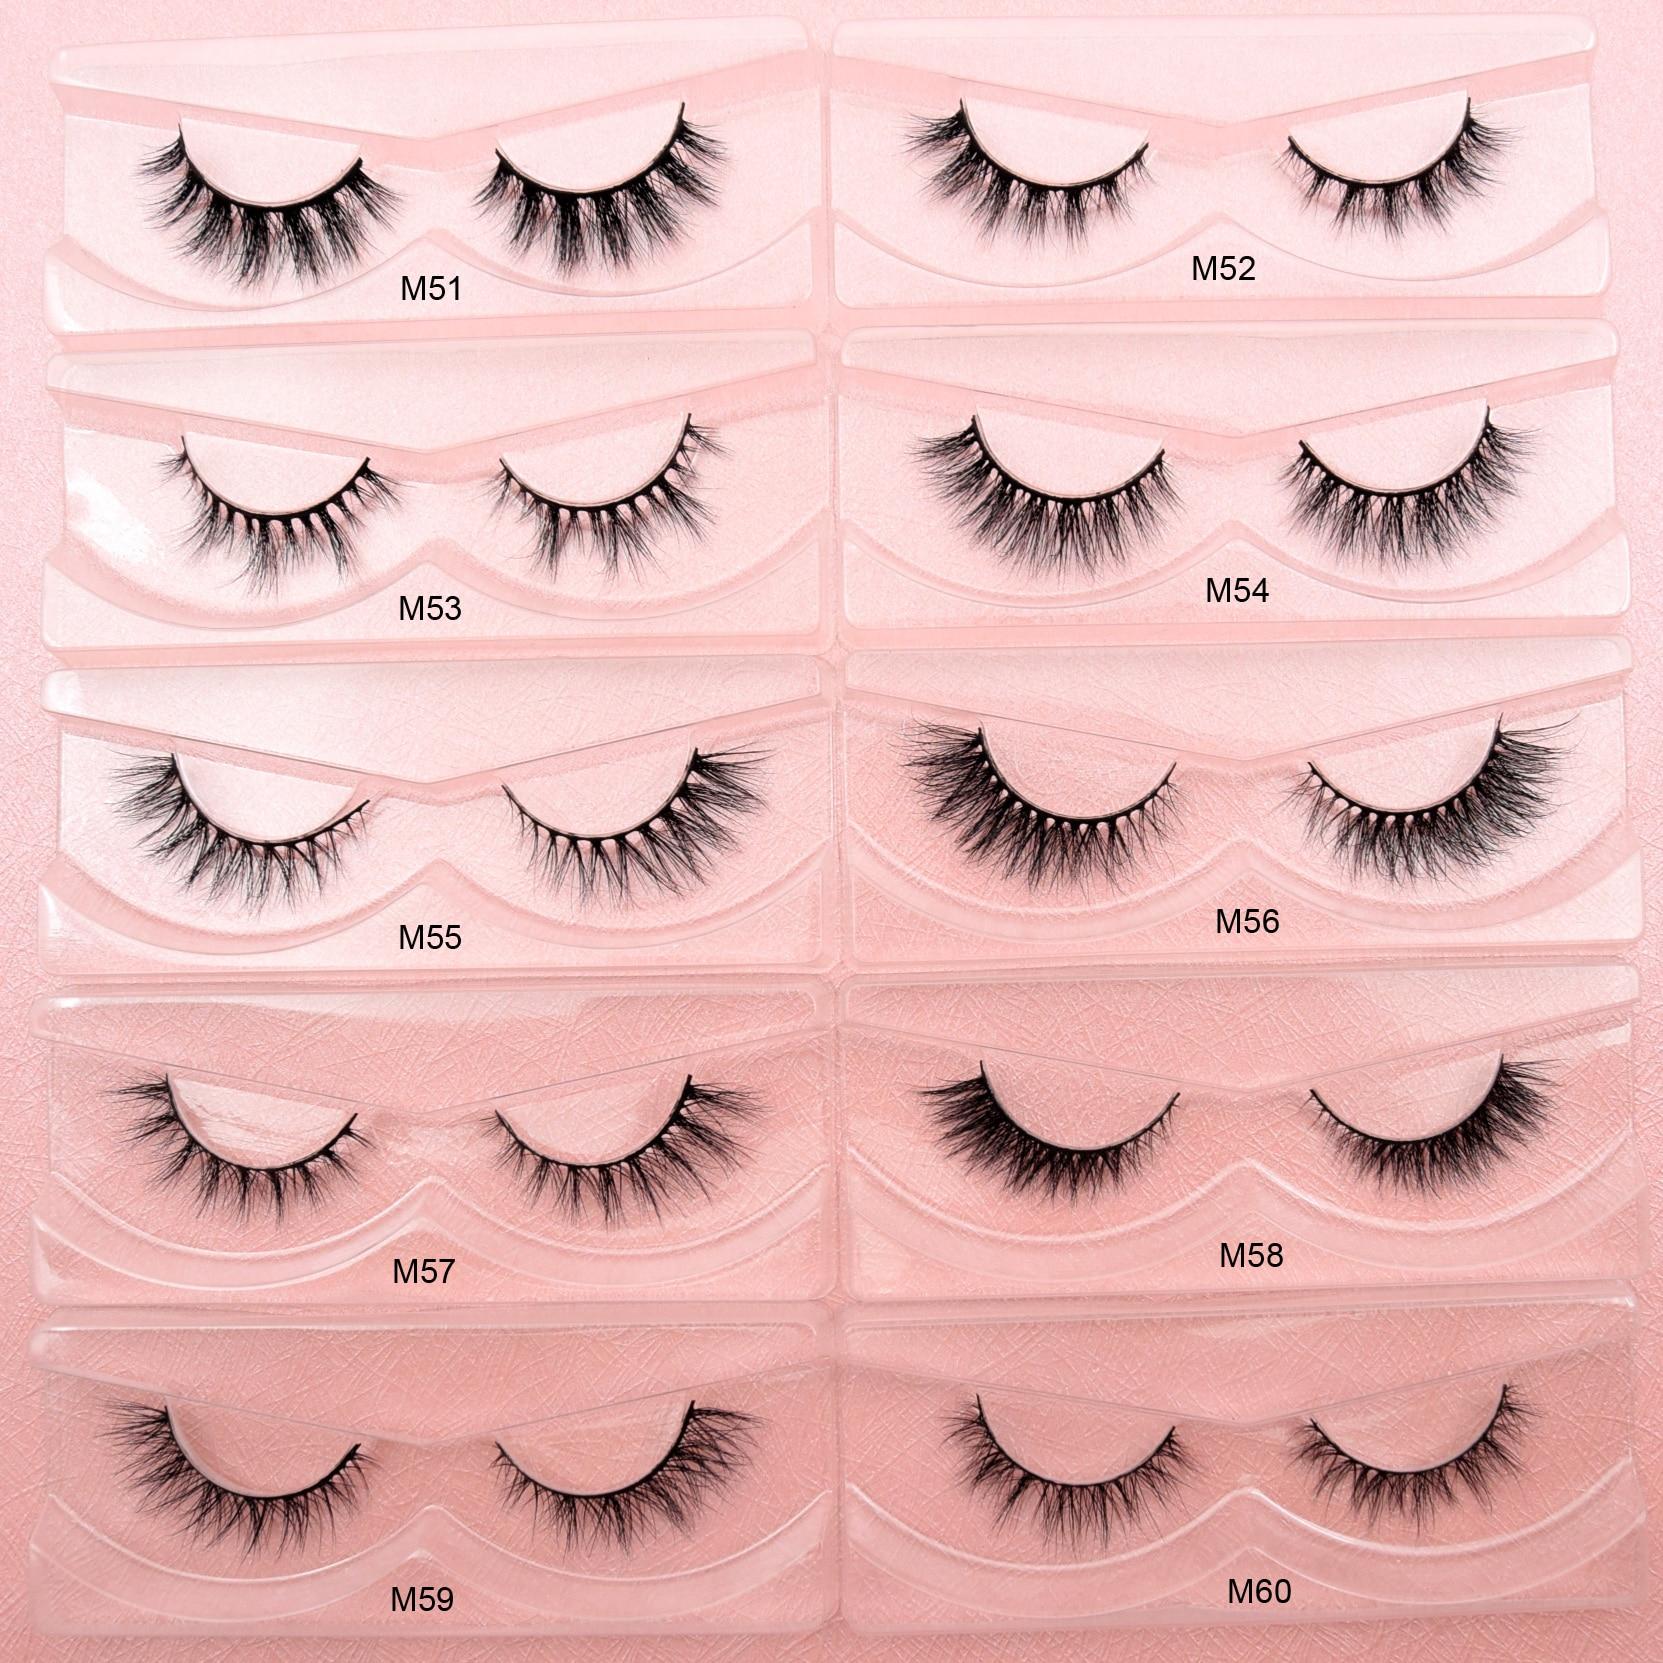 Visofree Mink Eyelashes Natural False Eyelashes Fake Lashes Long Makeup 3D Mink Lashes Extension Eyelash Faux Cils for Beauty 1